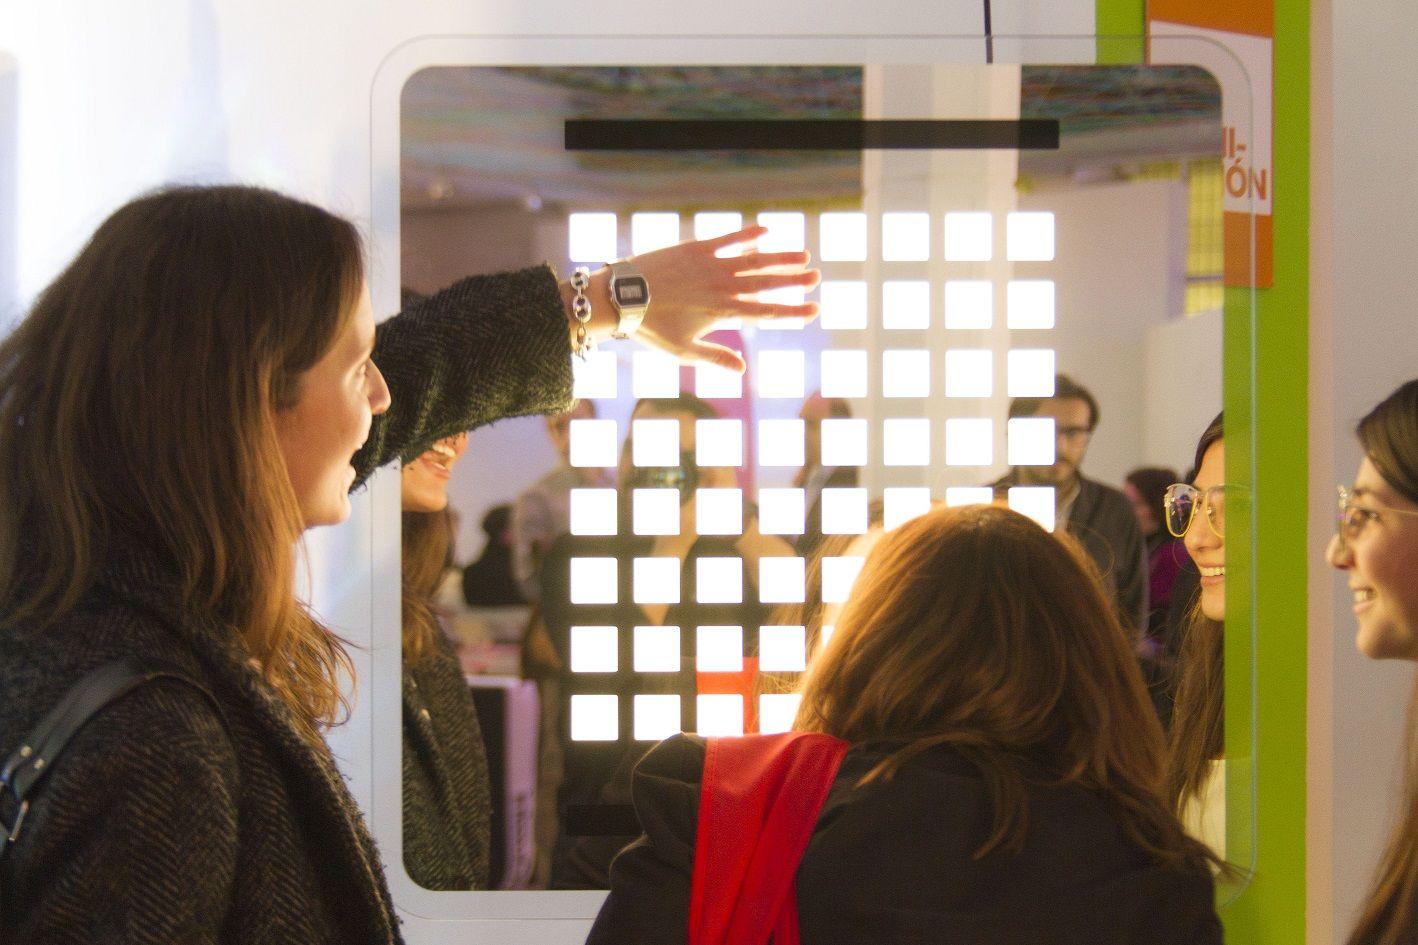 Proyectos de luz social, en el evento IEDLuce 2018